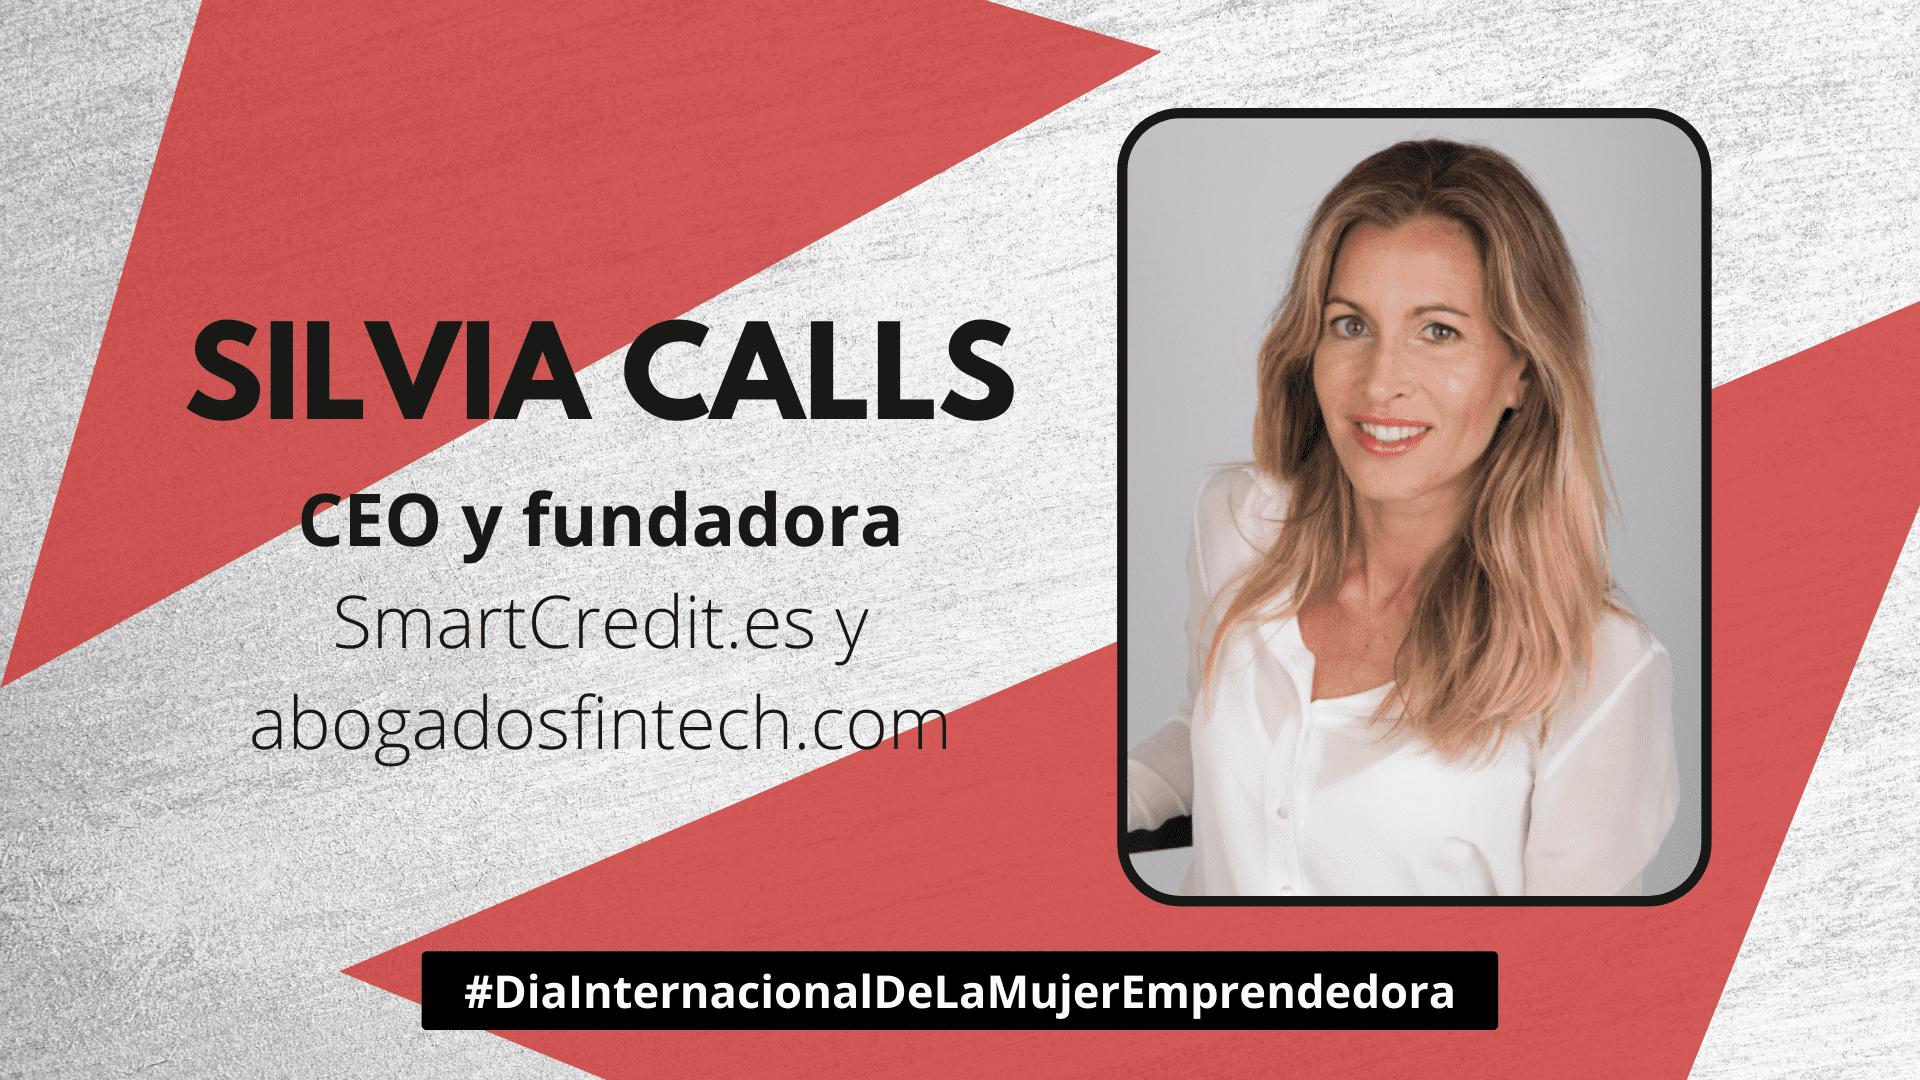 Silvia Calls - Día de la Mujer Emprendedora